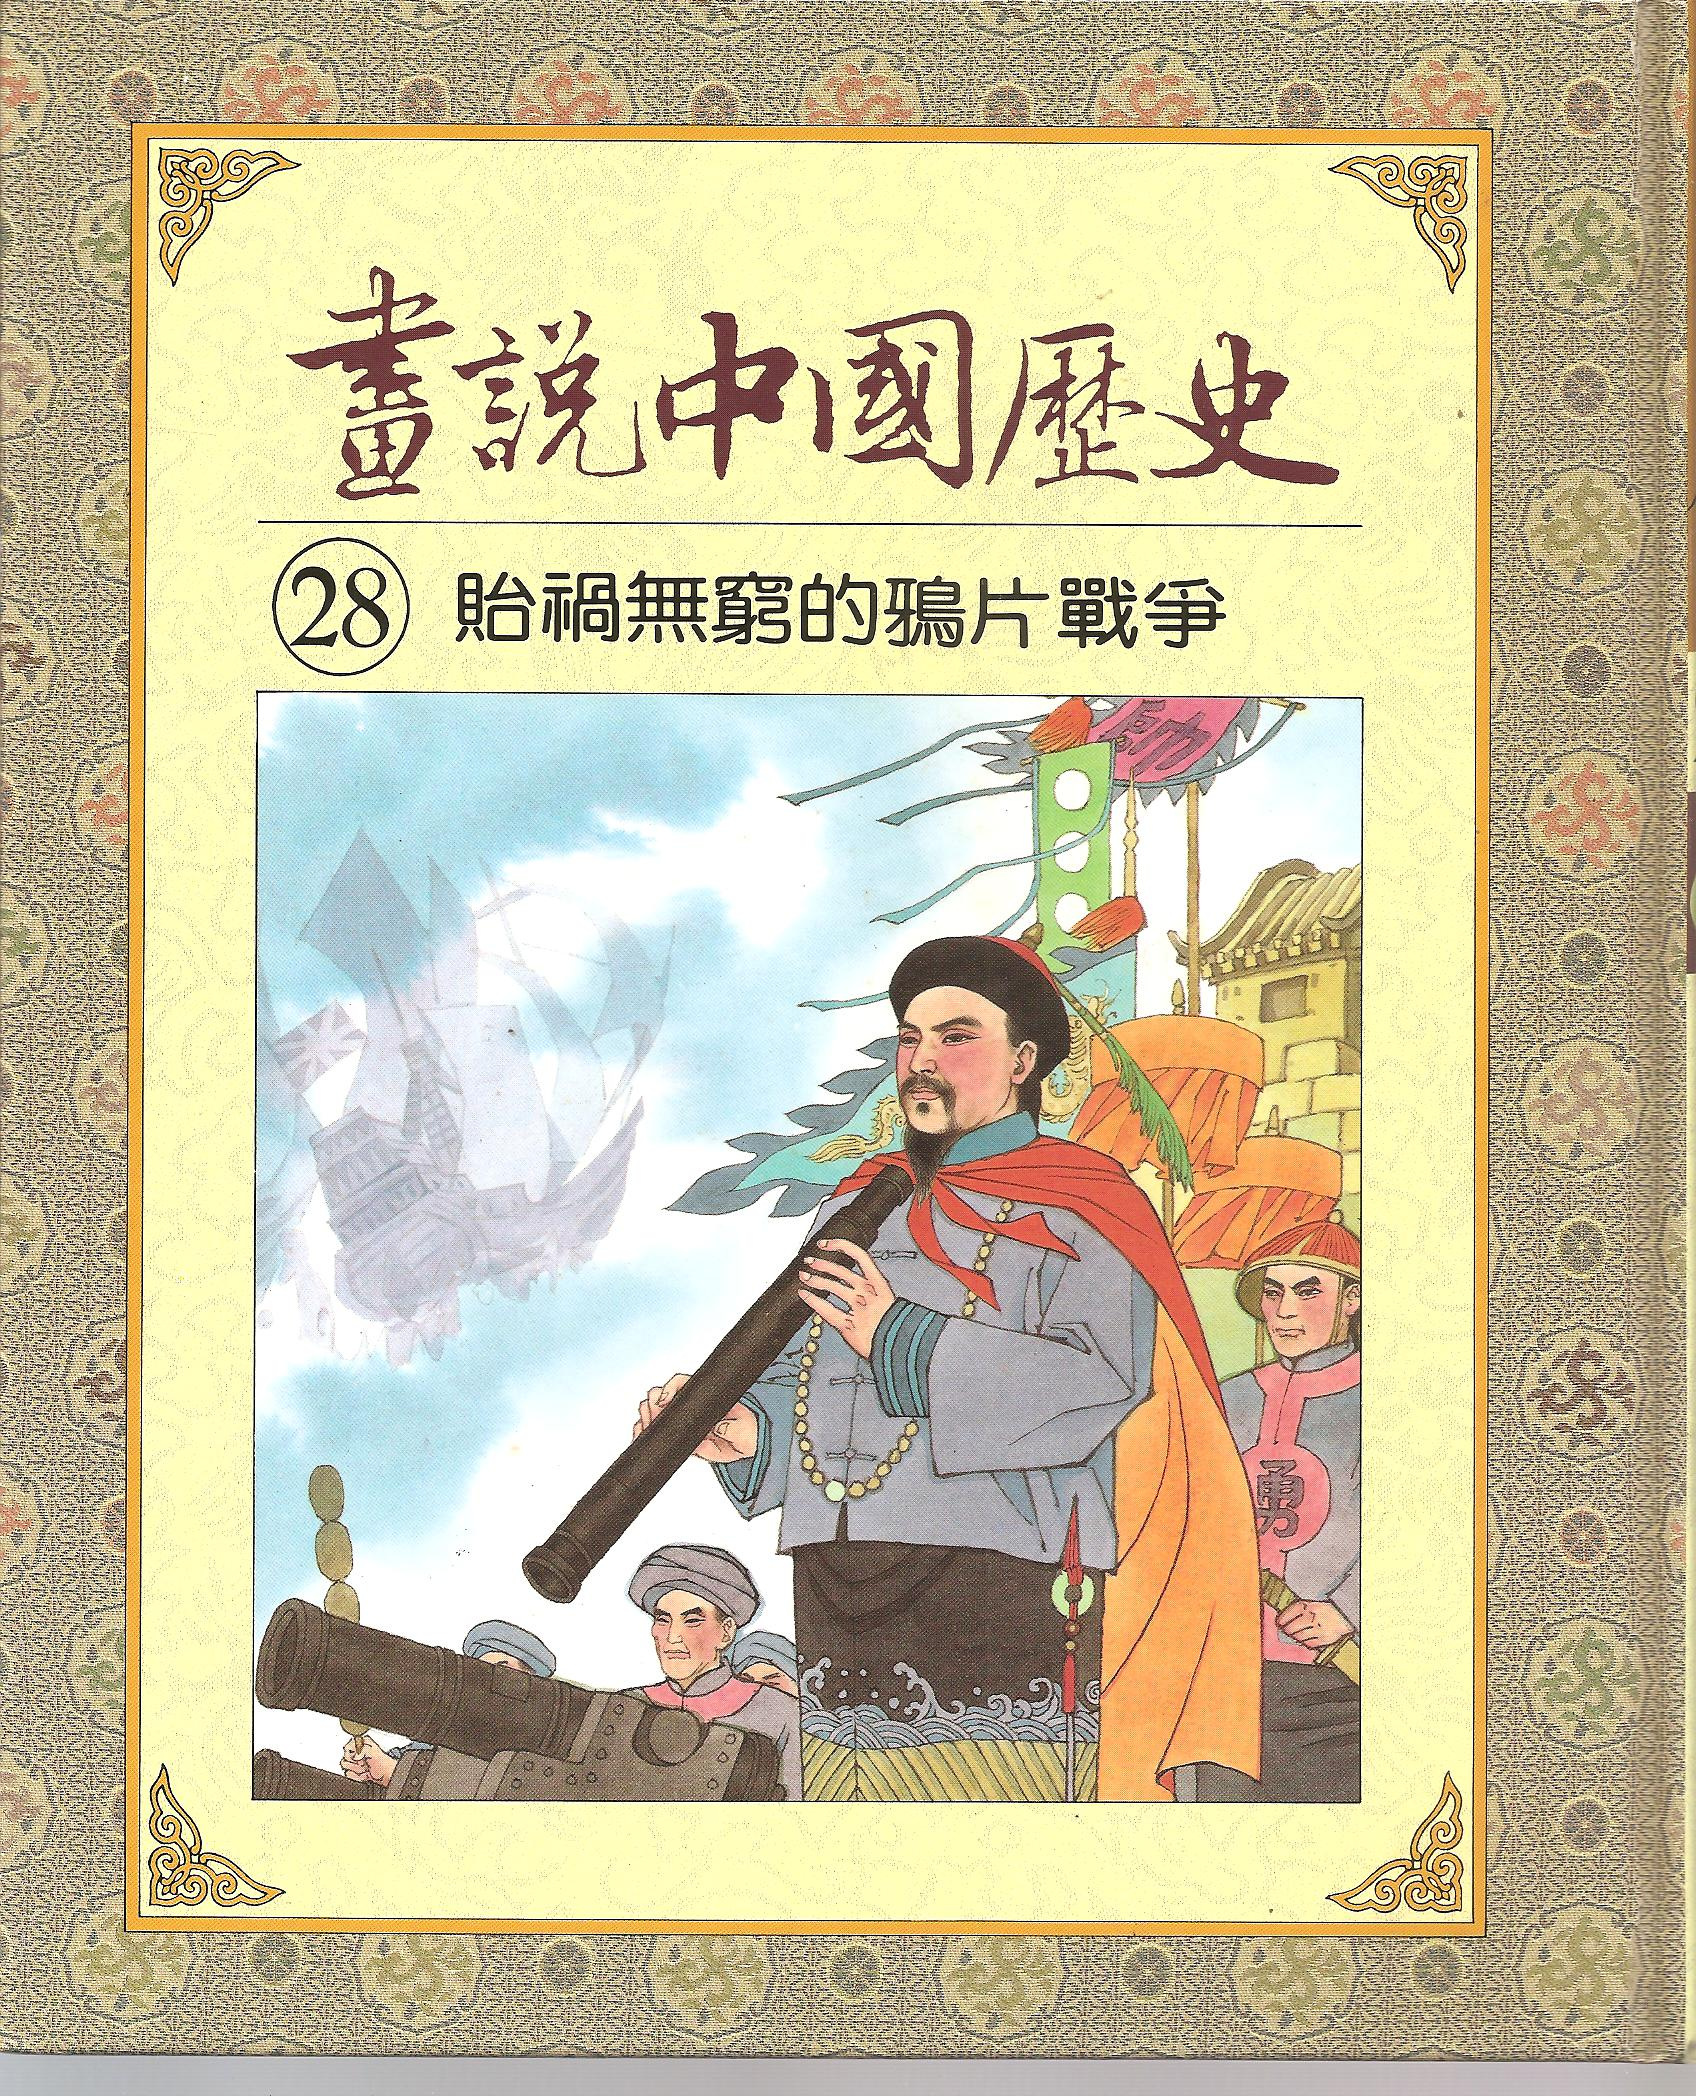 畫說中國歷史28: 貽禍無窮的鴉片戰爭